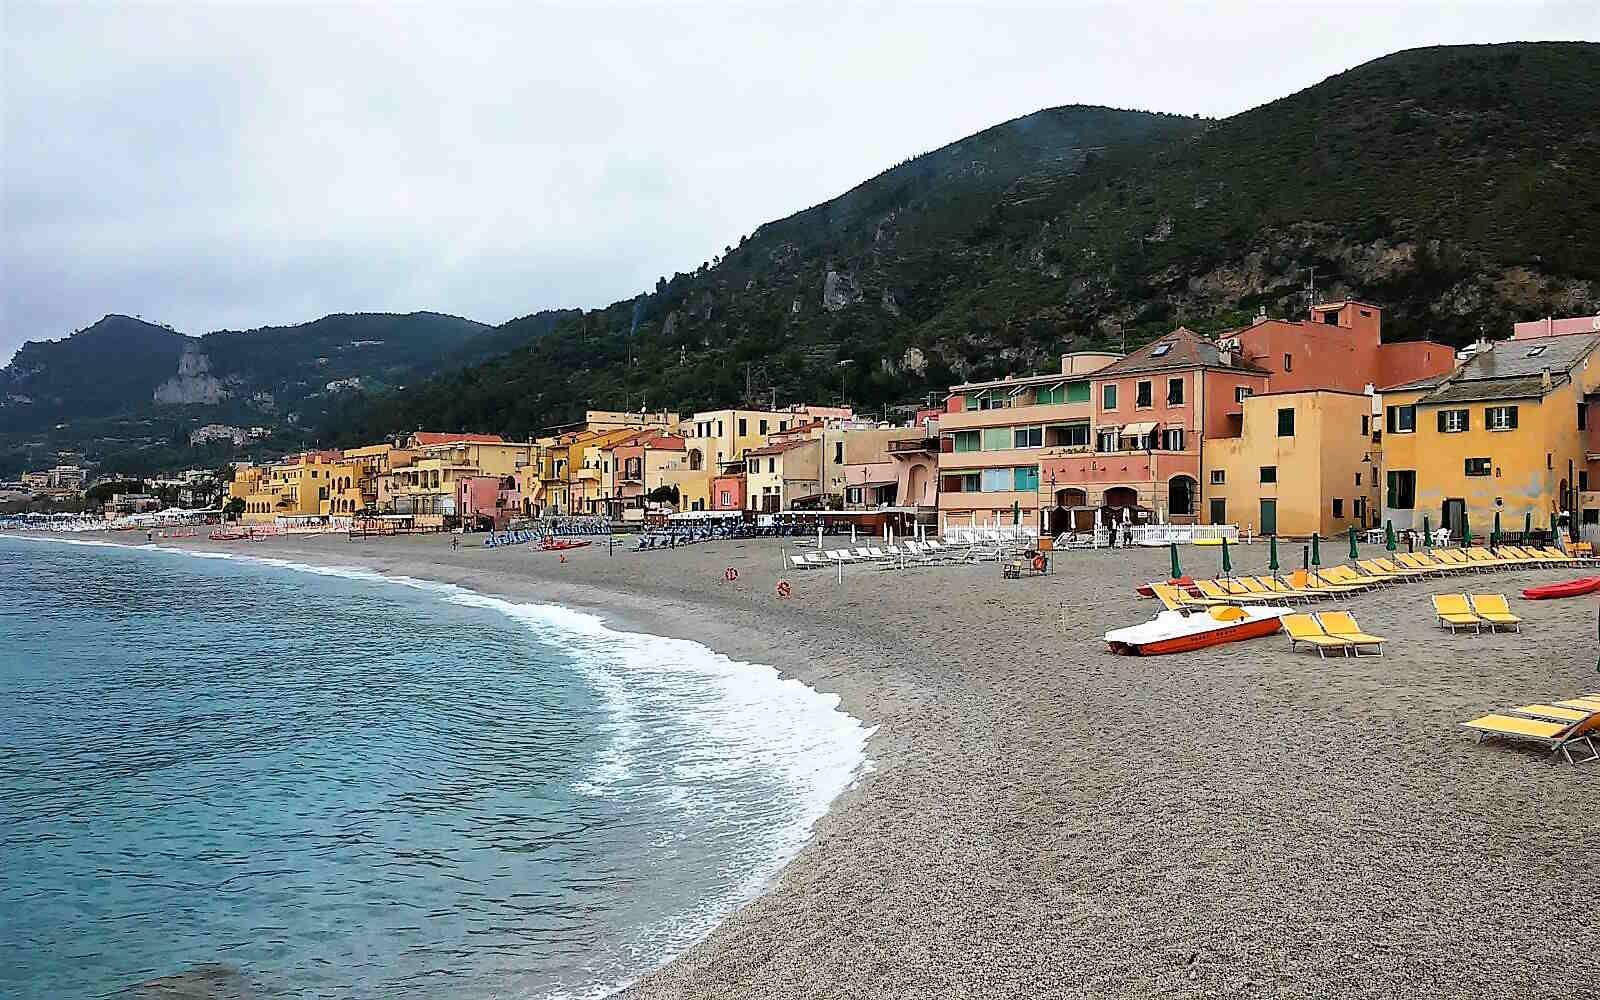 spiaggia di Varigotti e la Baia dei Saraceni in Liguria Italia